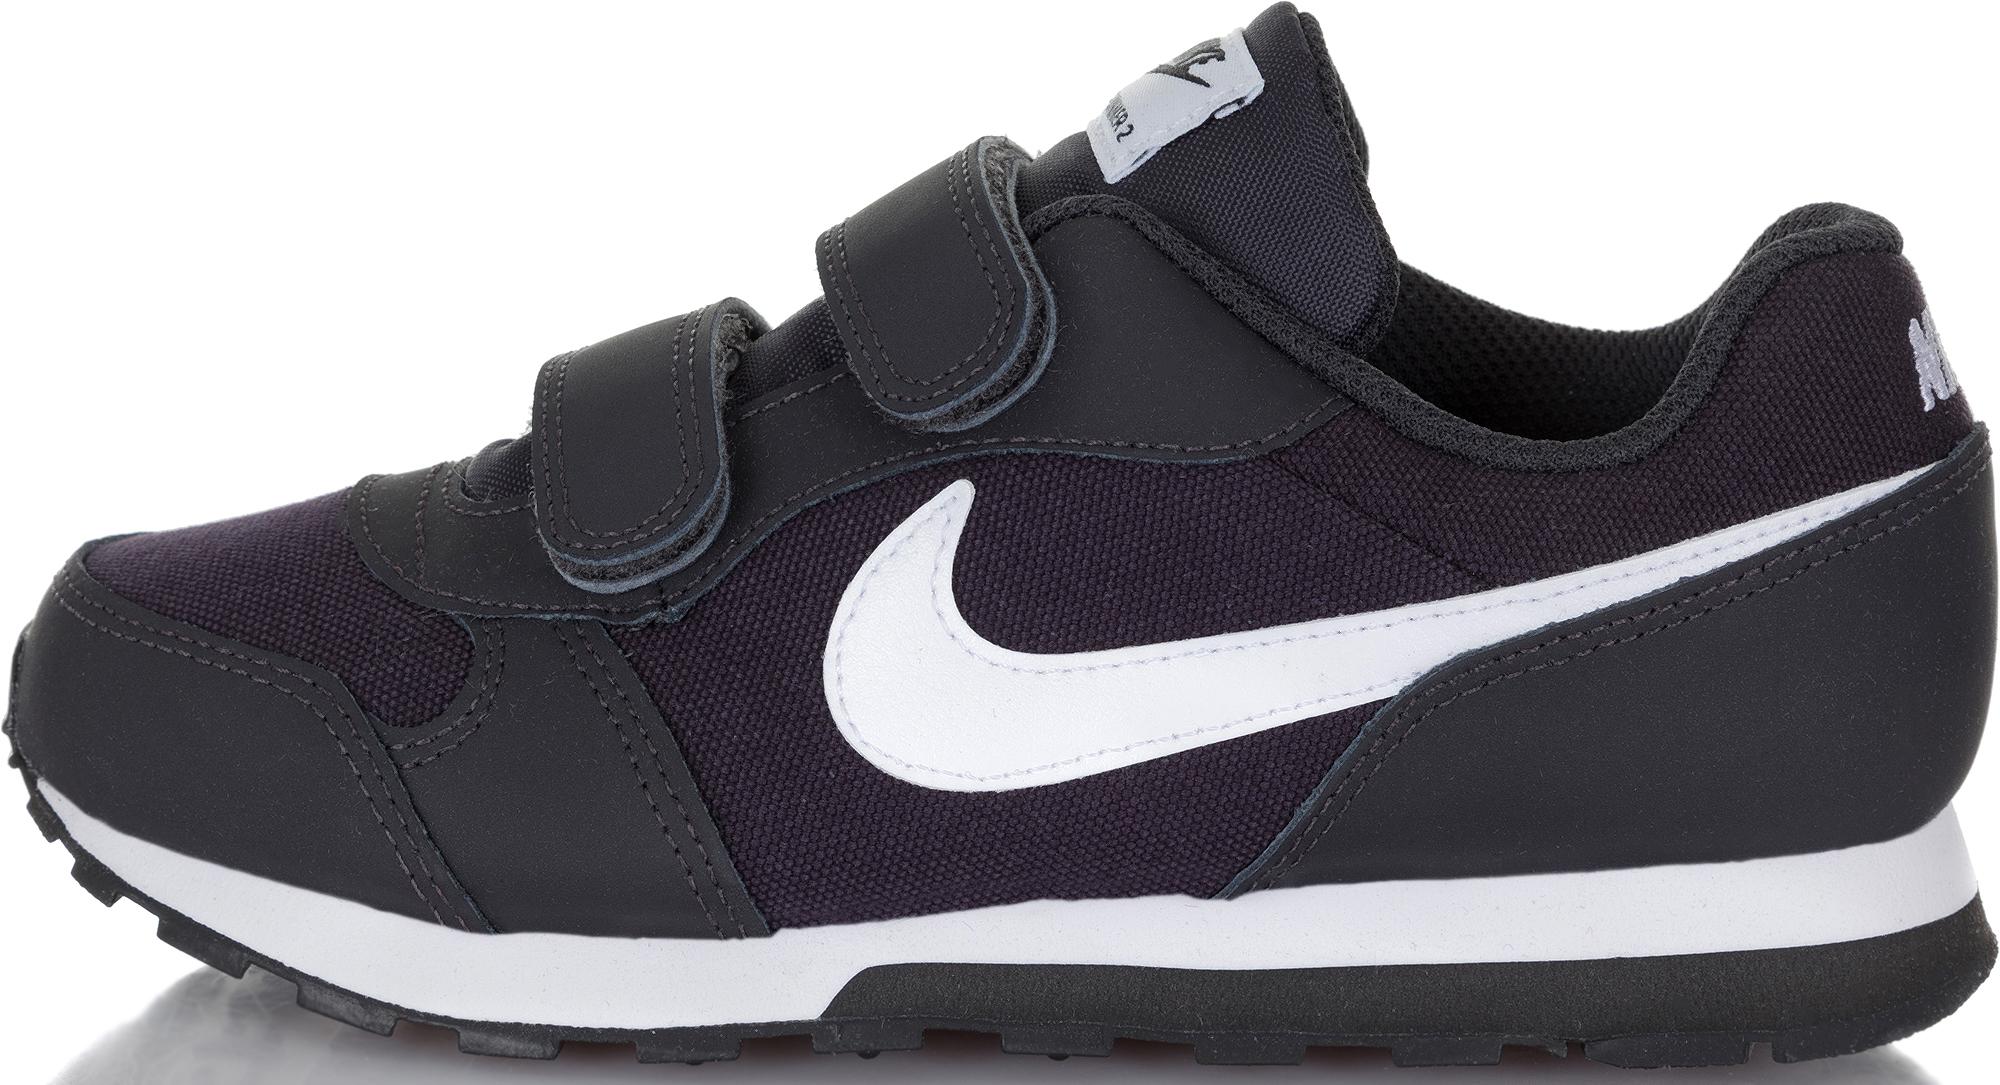 Nike Кроссовки для девочек Nike MD Runner 2, размер 32 все цены